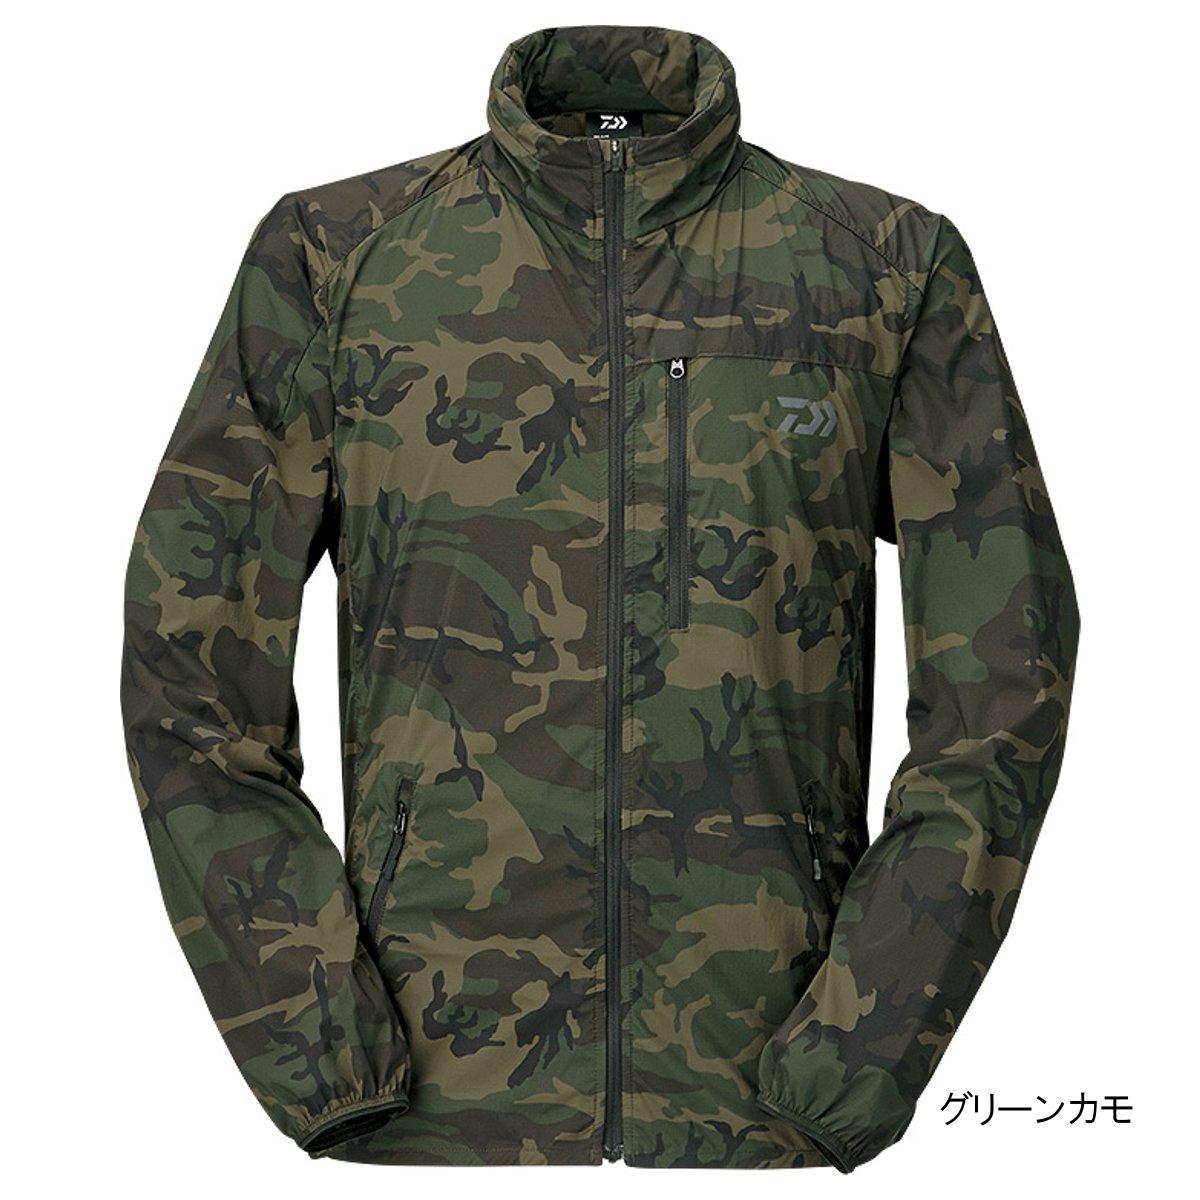 ダイワ ポケッタブルウィンドジャケット DJ-33009 2XL グリーンカモ(東日本店)